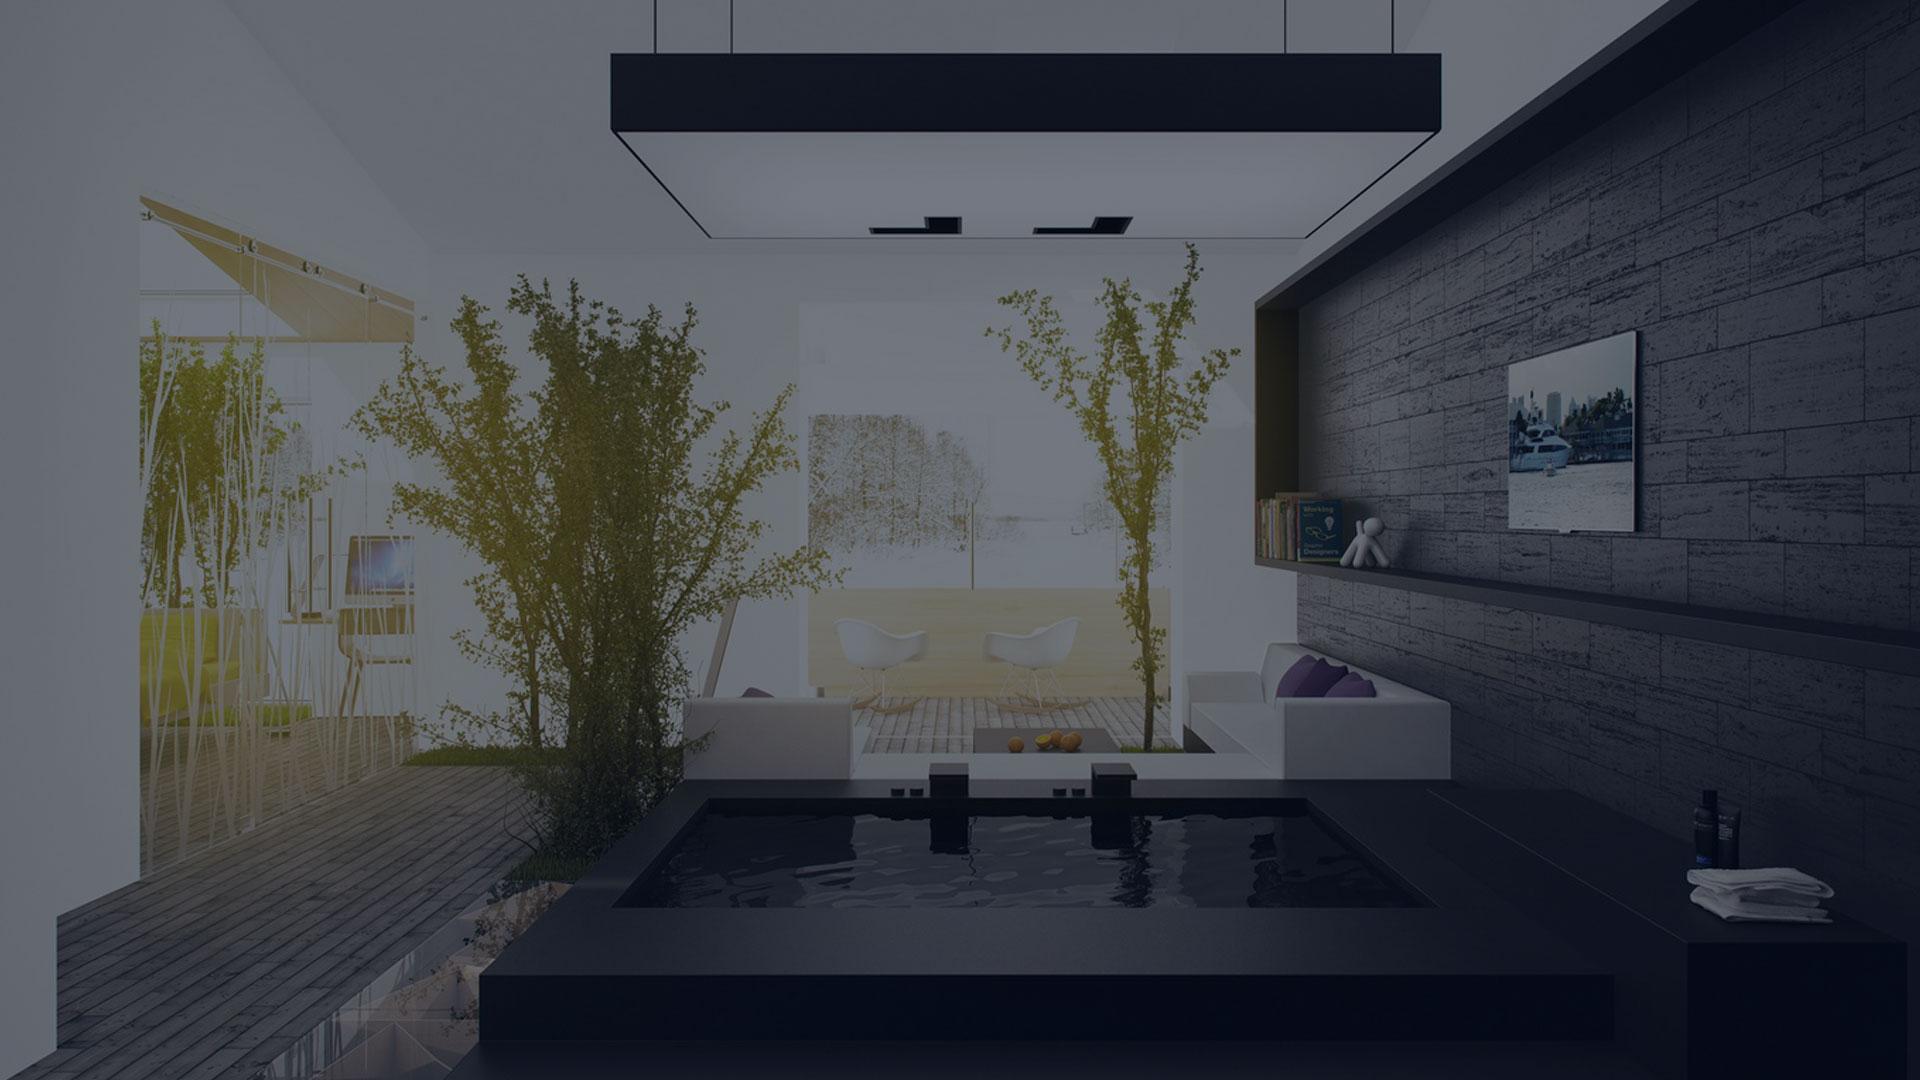 Εσωτερική Αρχιτεκτονική Διακόσμηση και Σχεδιασμός Αντικειμένων